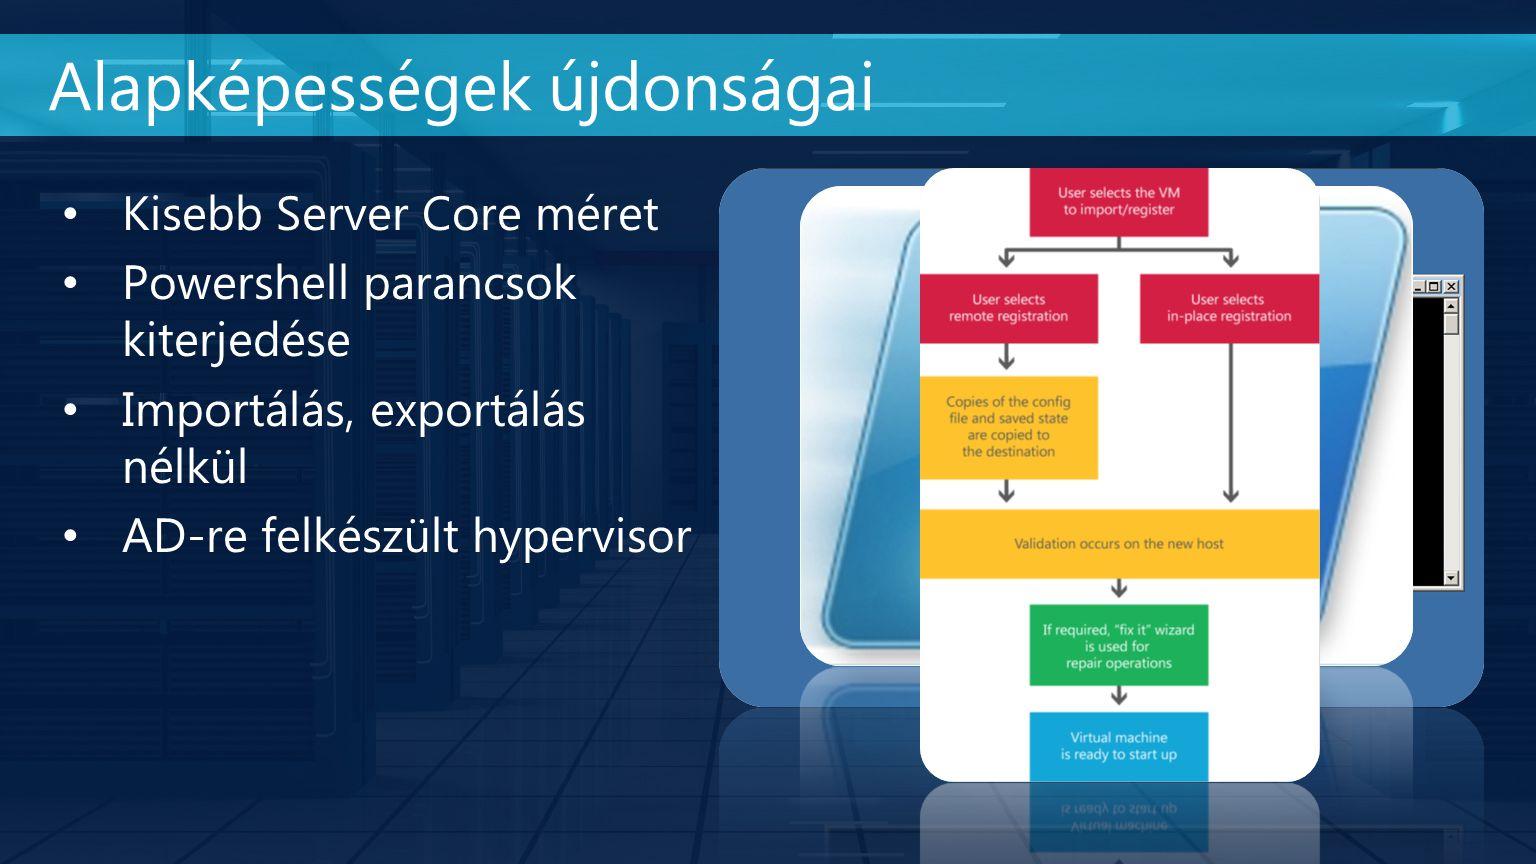 Alapképességek újdonságai Kisebb Server Core méret Powershell parancsok kiterjedése Importálás, exportálás nélkül AD-re felkészült hypervisor